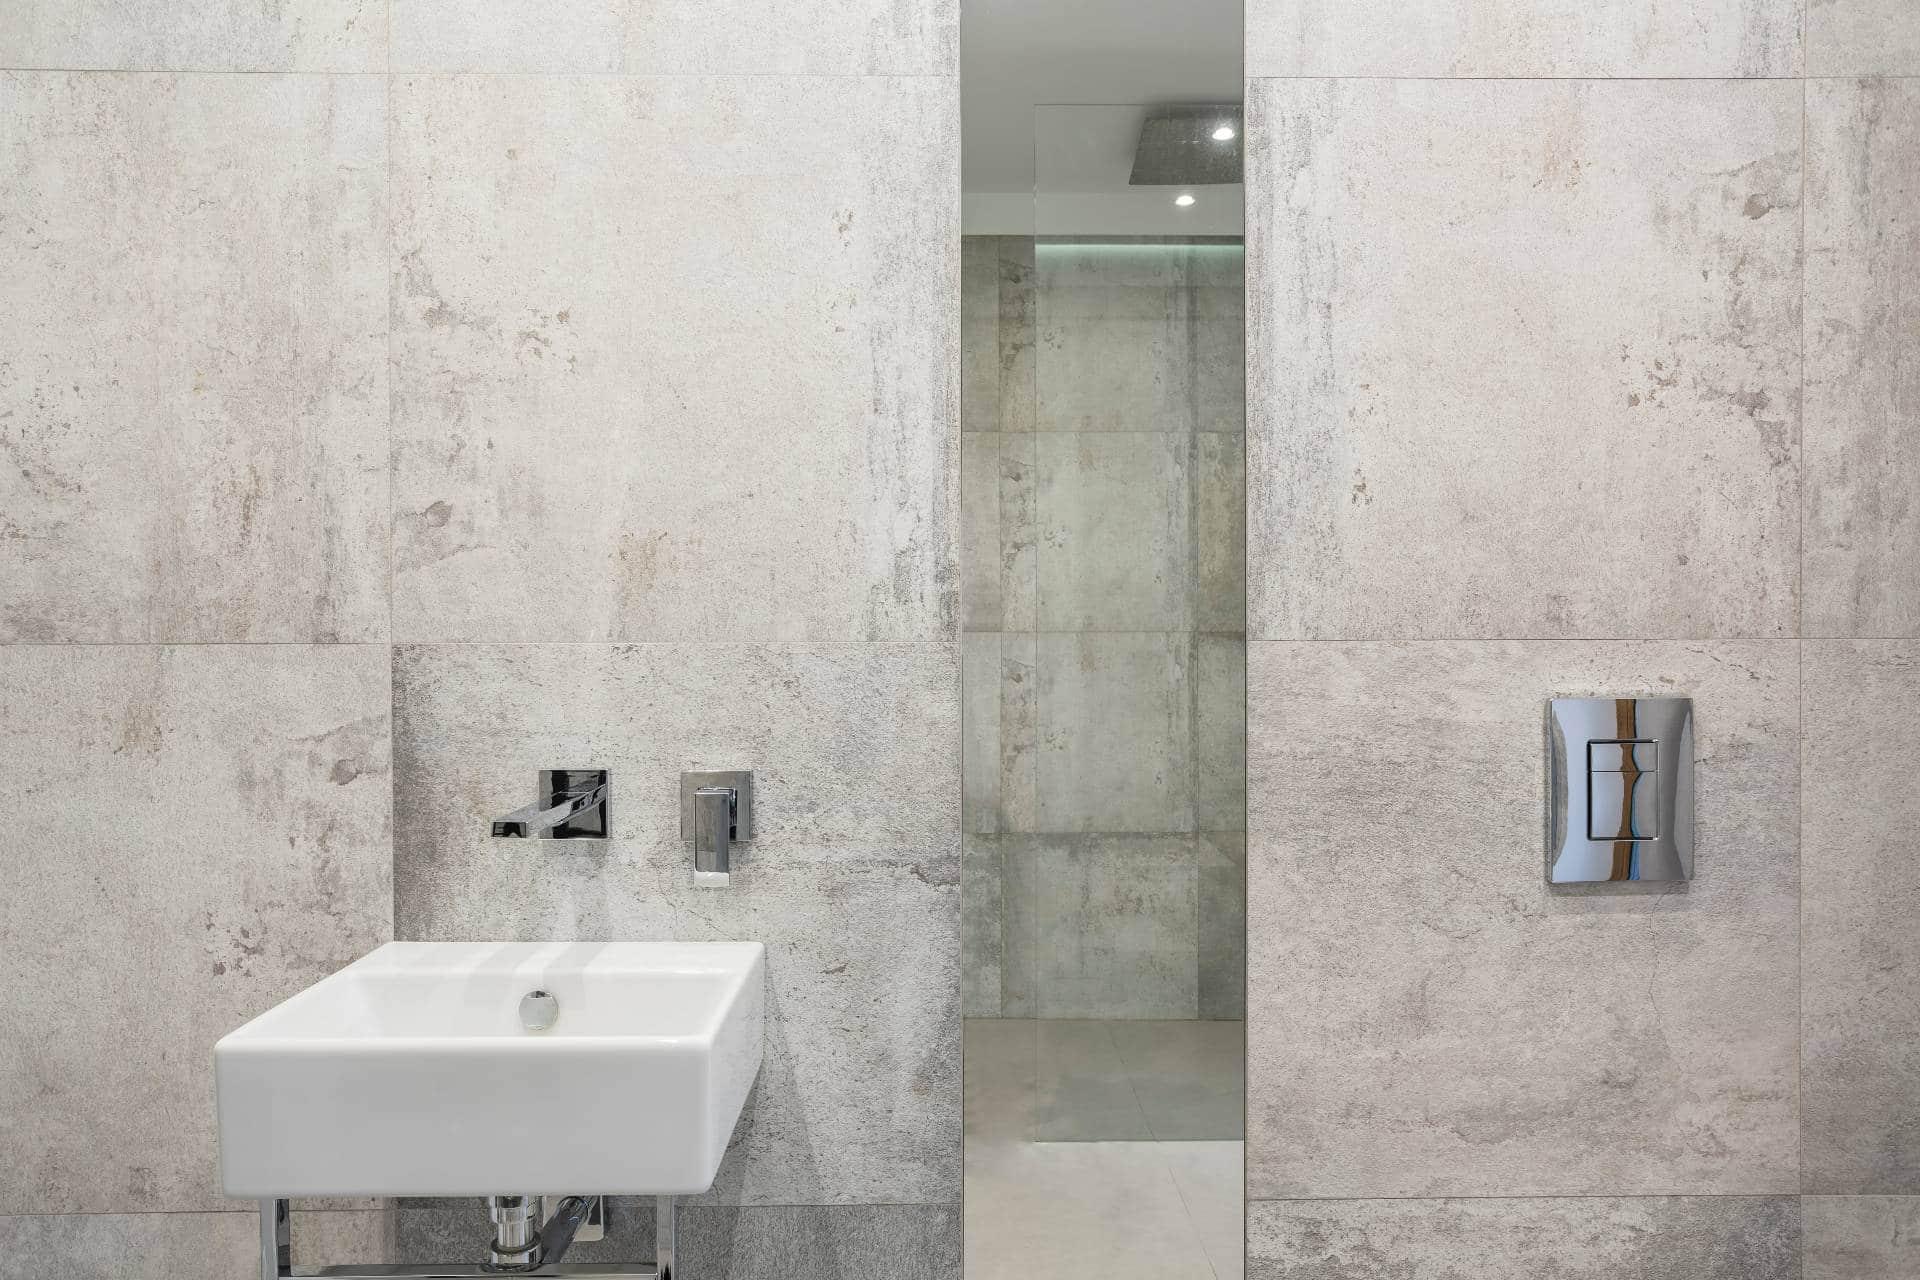 Qué aporta una mampara de baño al lugar